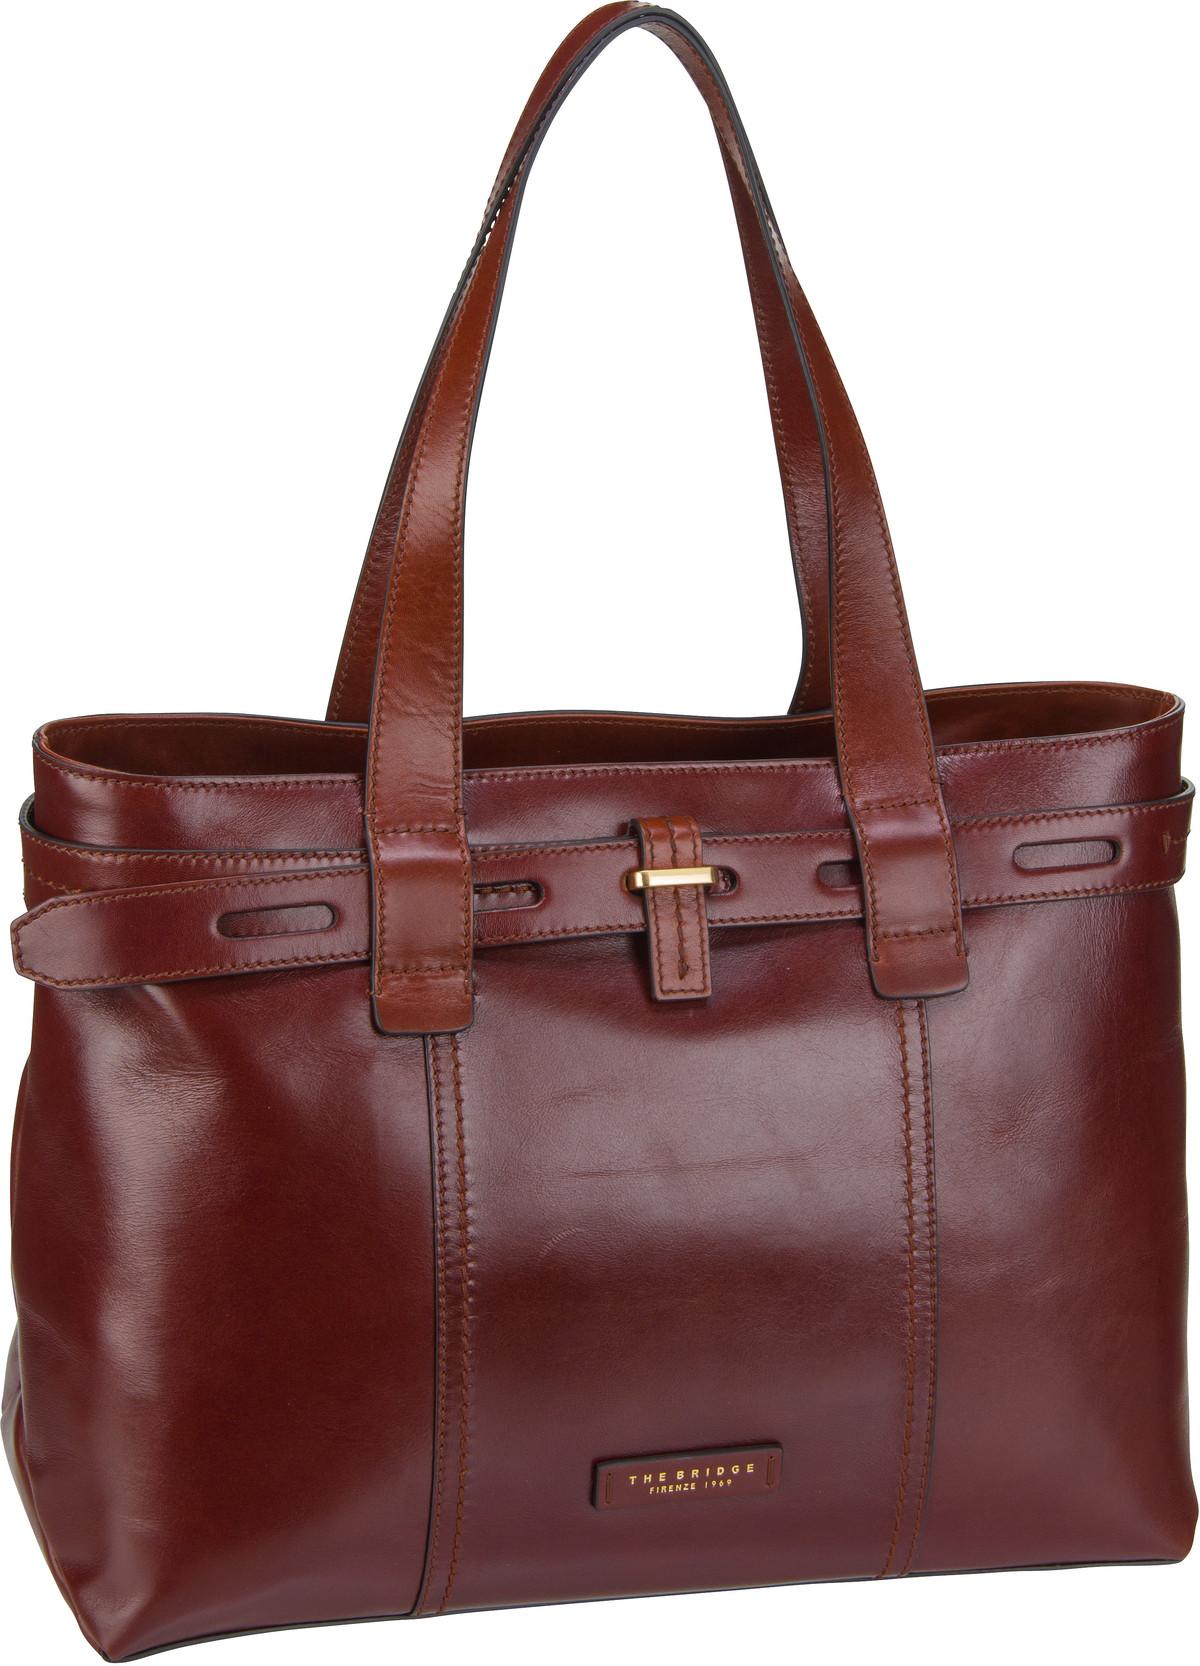 Handtasche Vigna Nuova Handtasche 5859 Marrone